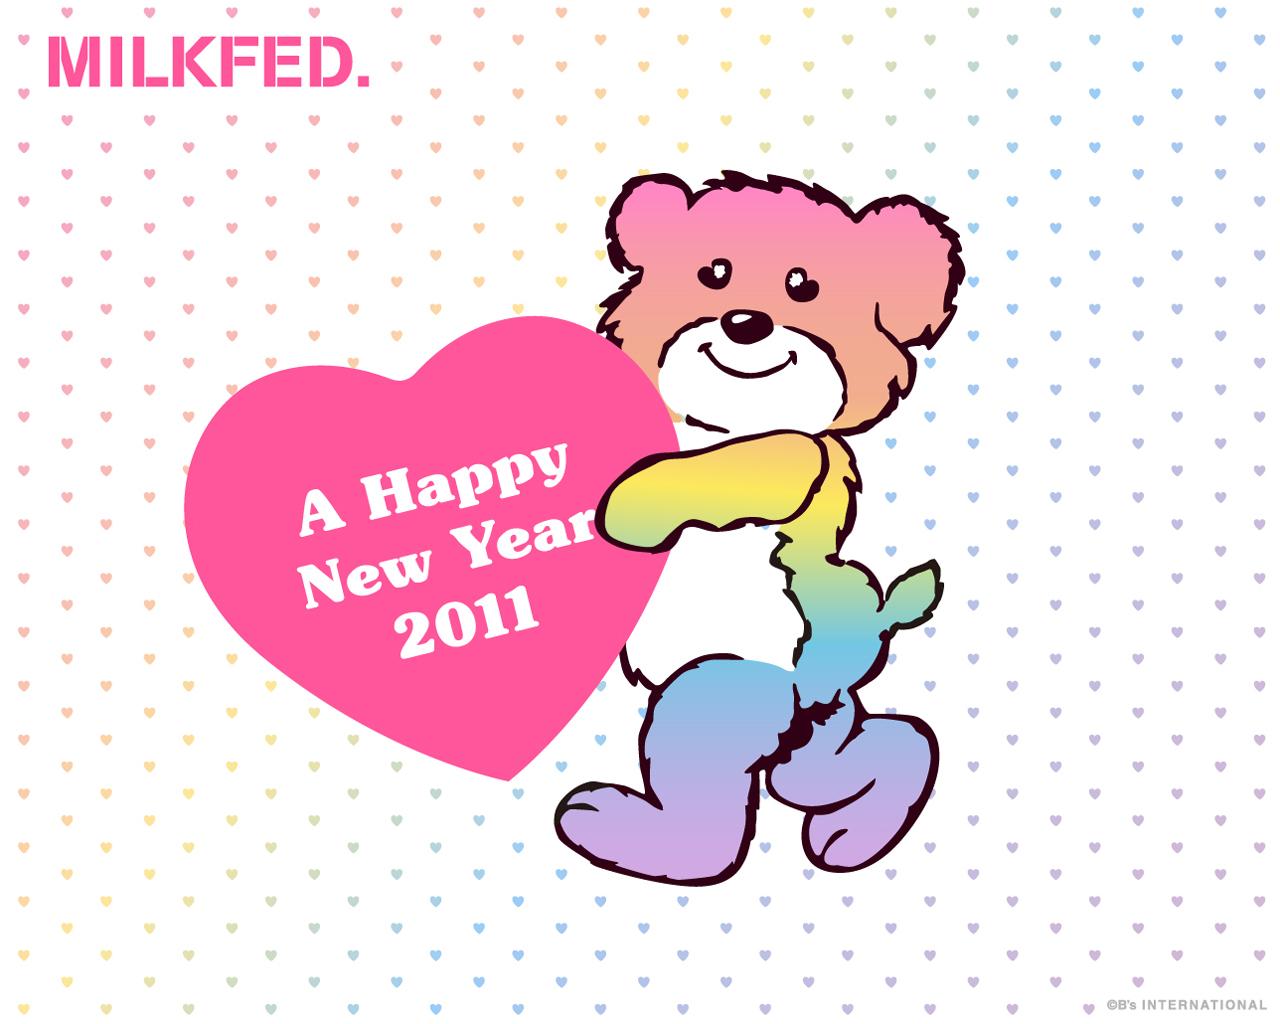 201101_1280.jpg